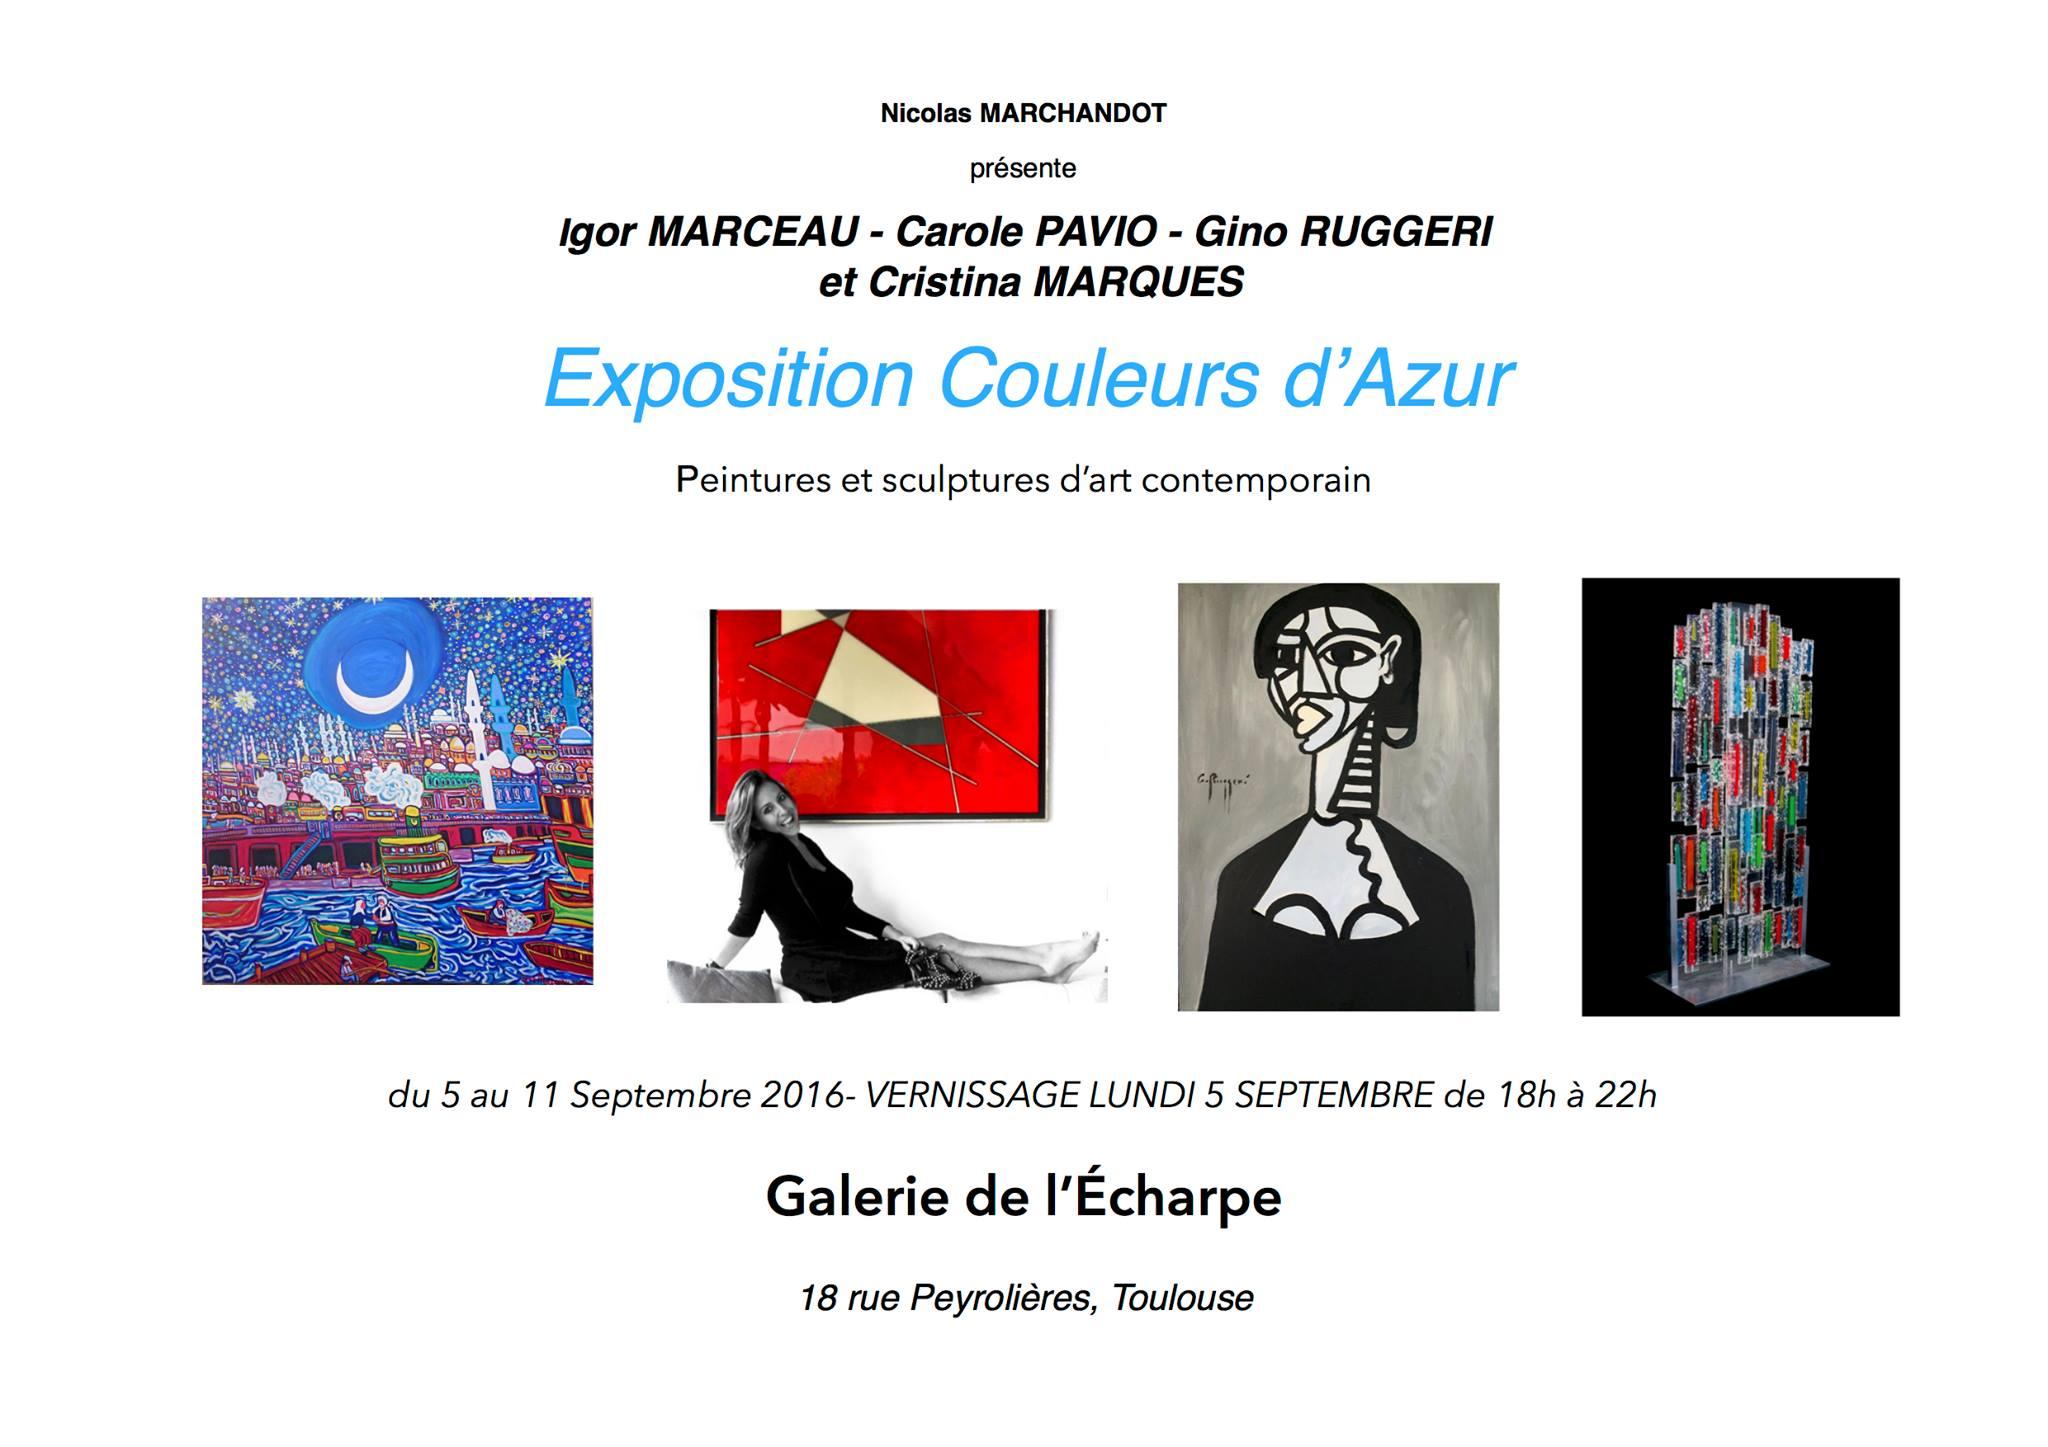 Invit Gal. de l'Echarpe Toulouse Sept. 2016